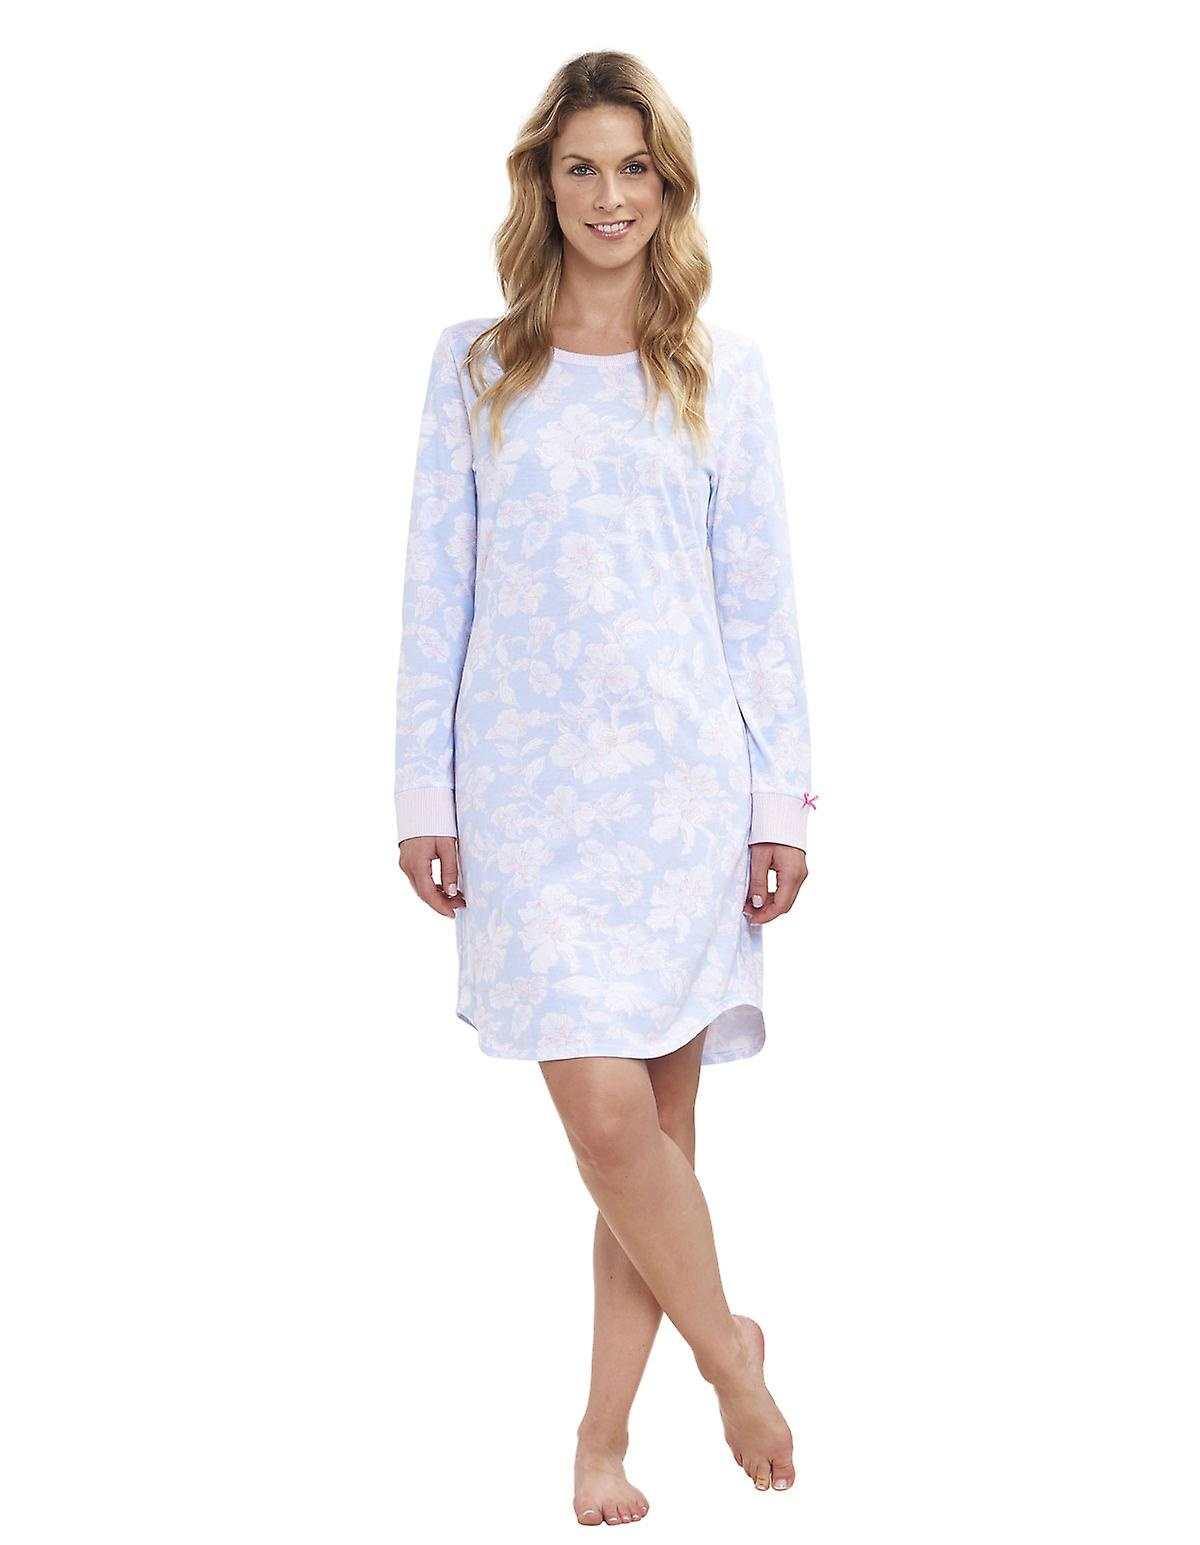 Féraud - Rösch Rösch Nachthemd, Bigshirt feiner Single Jersey -arctic-blue